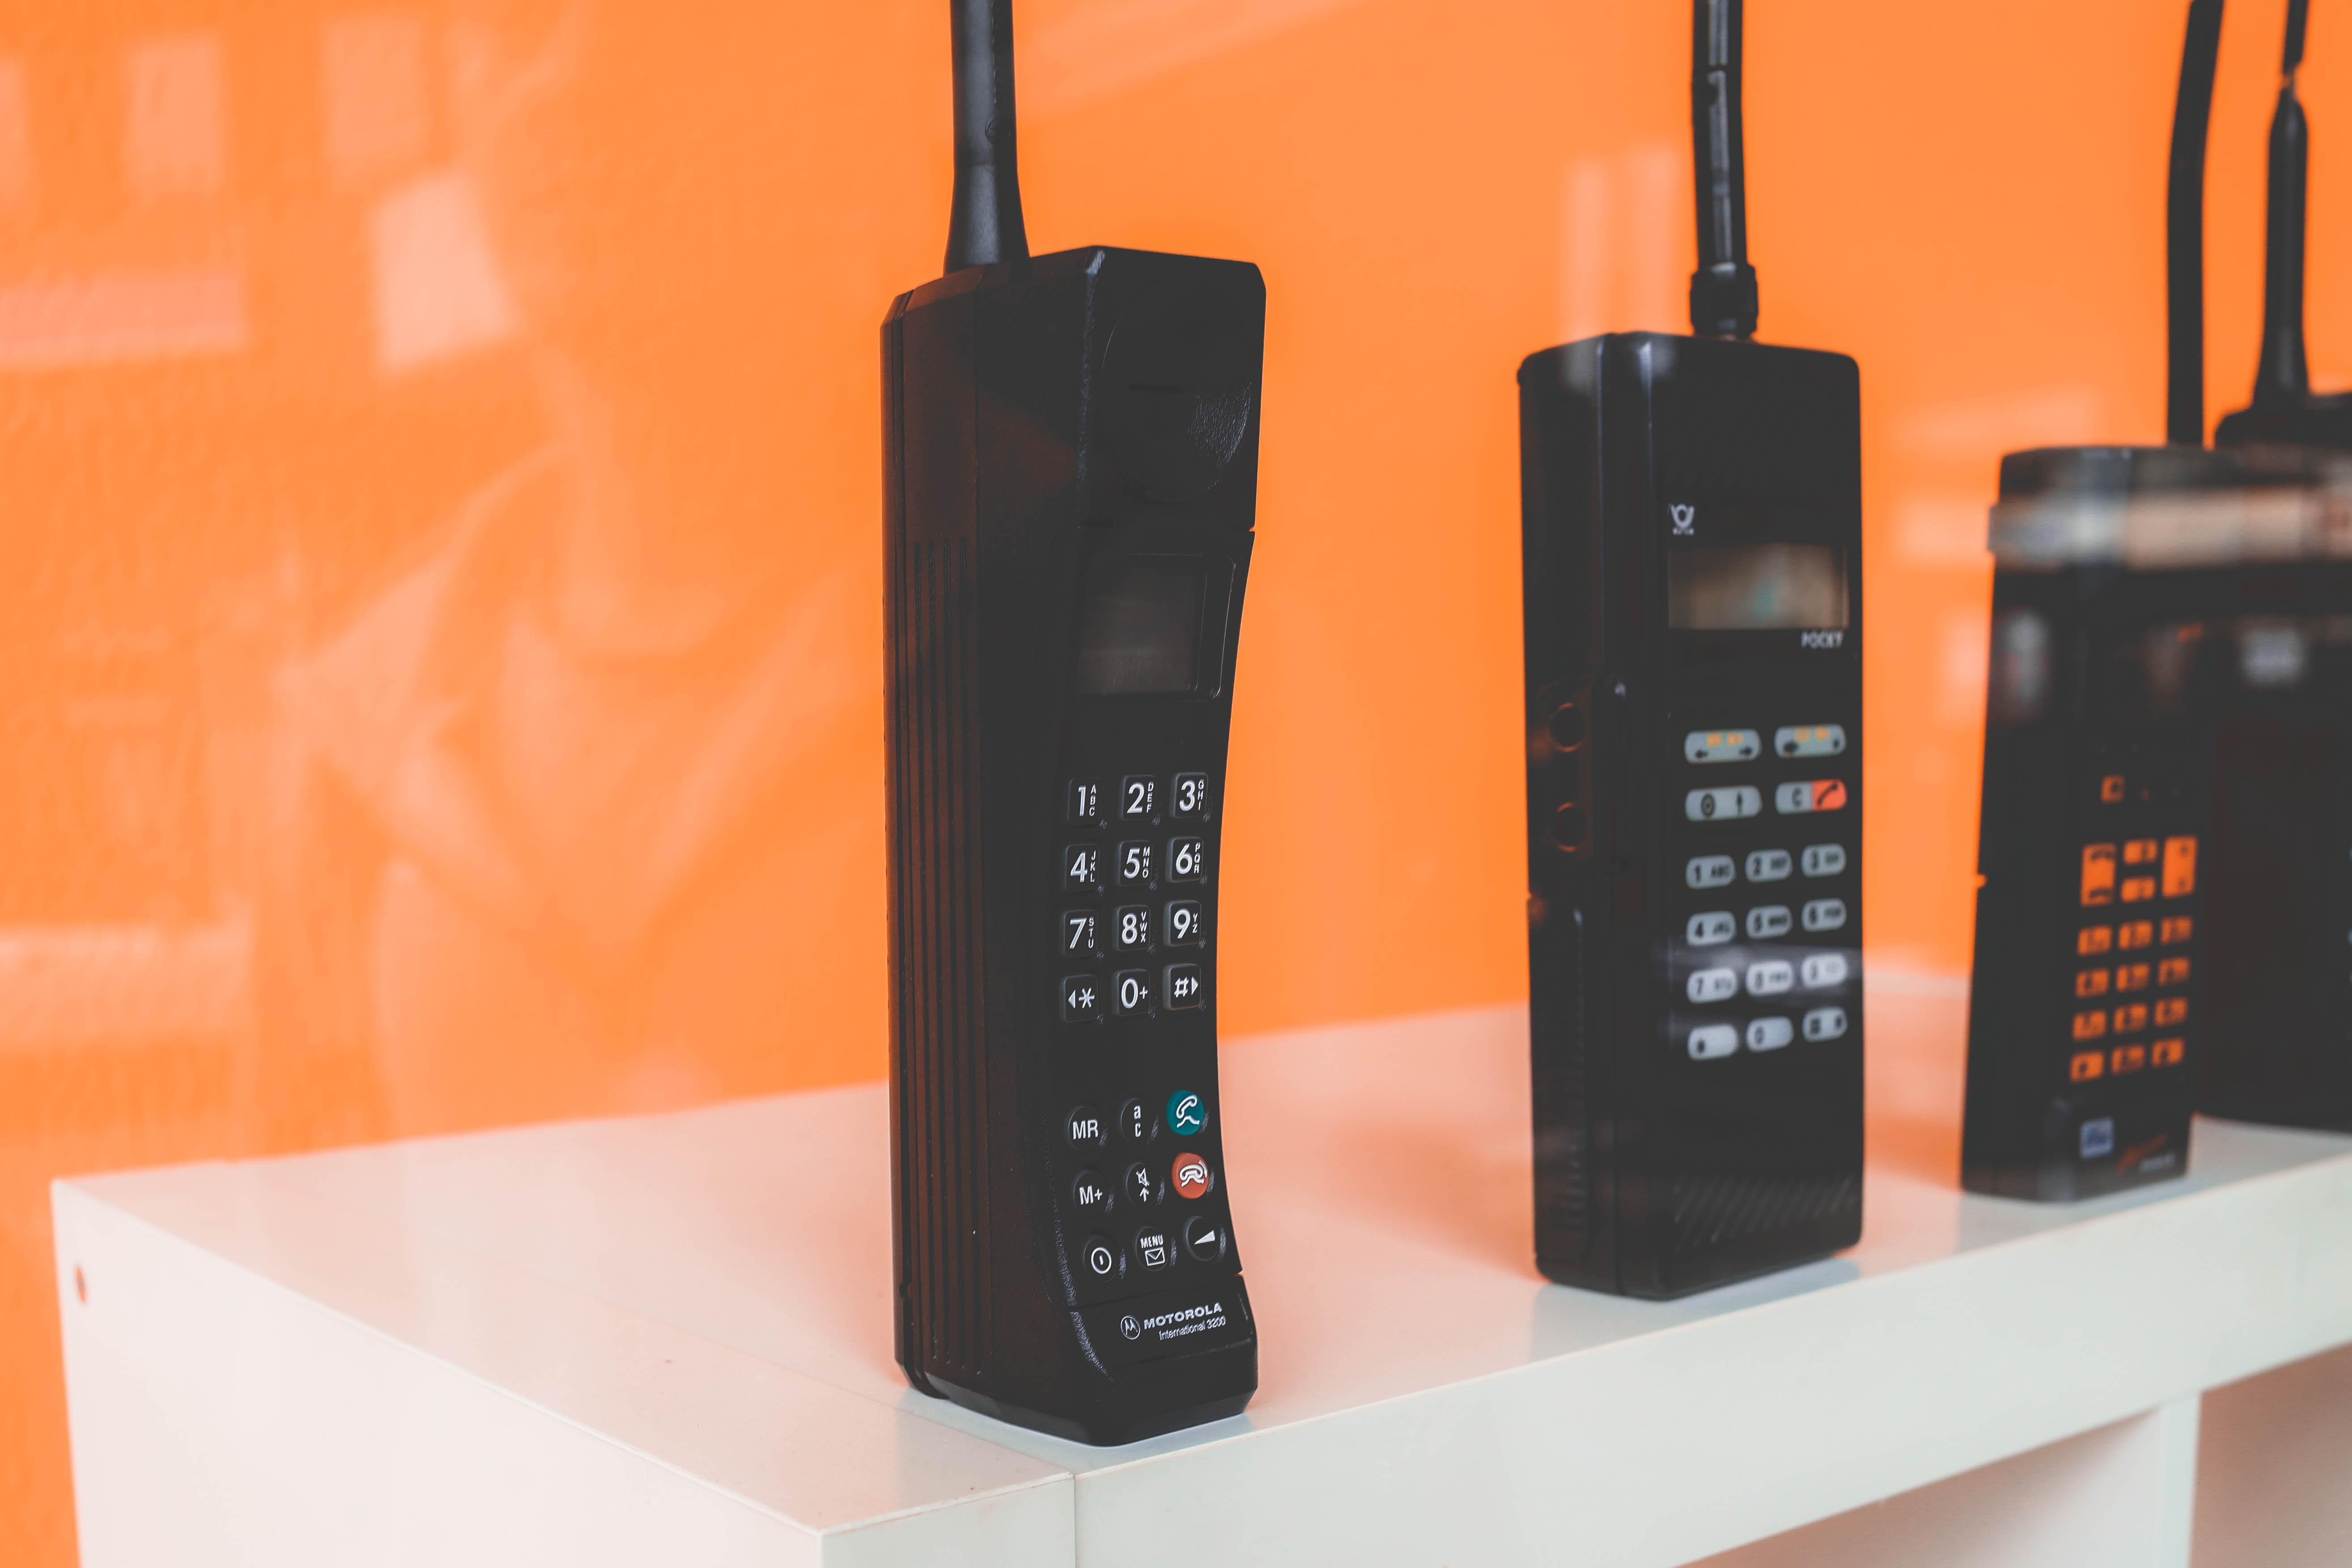 black home phones on white rac k